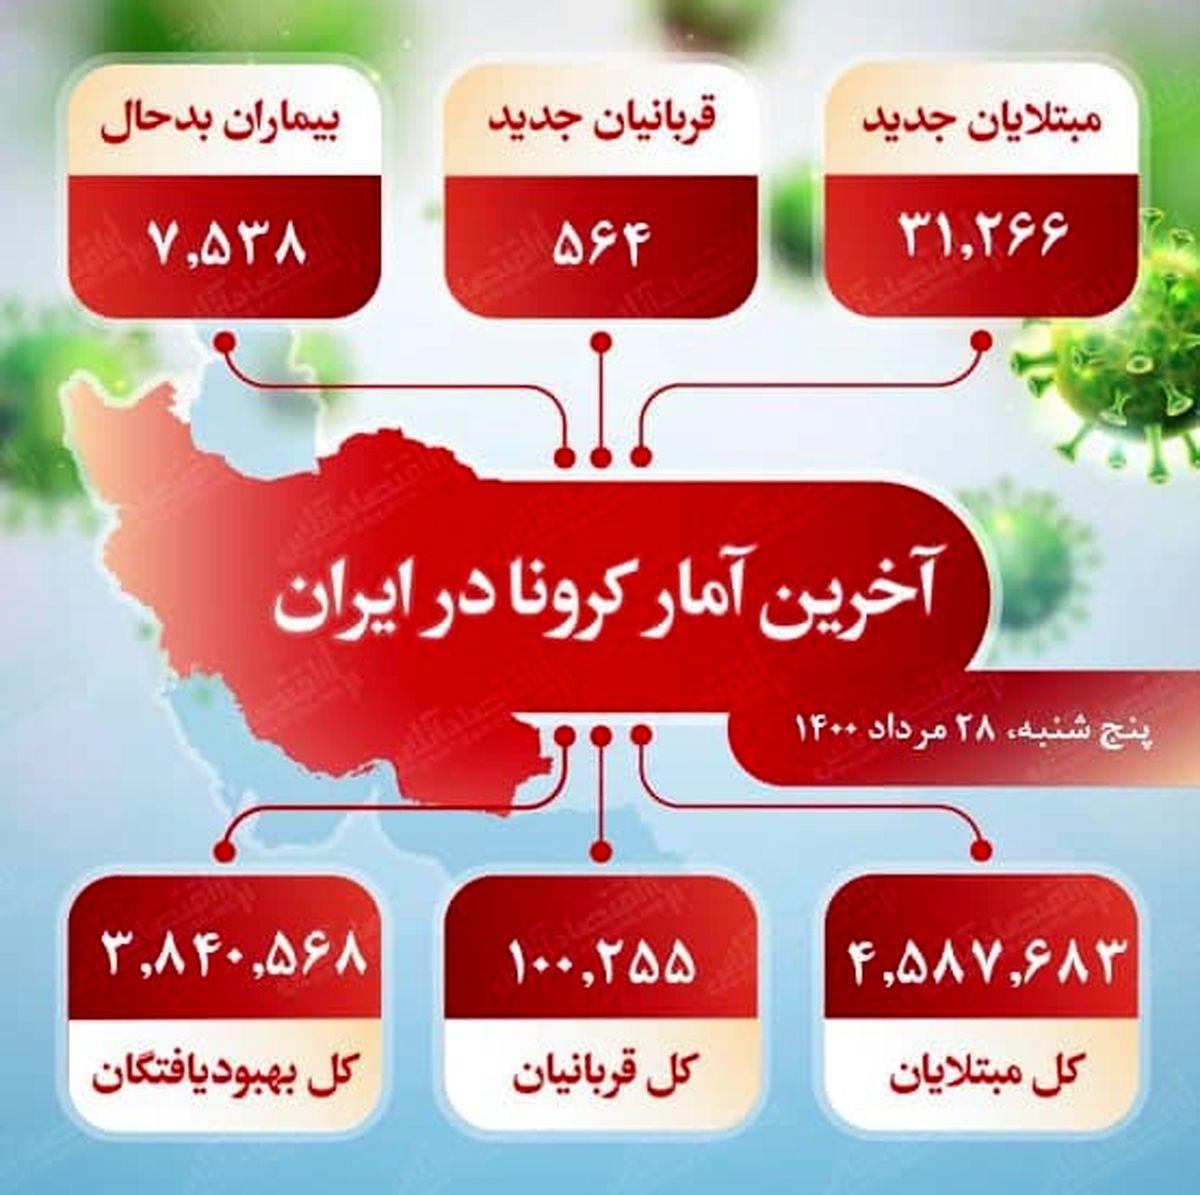 آخرین آمار کرونا در ایران (۱۴۰۰/۵/۲۸)